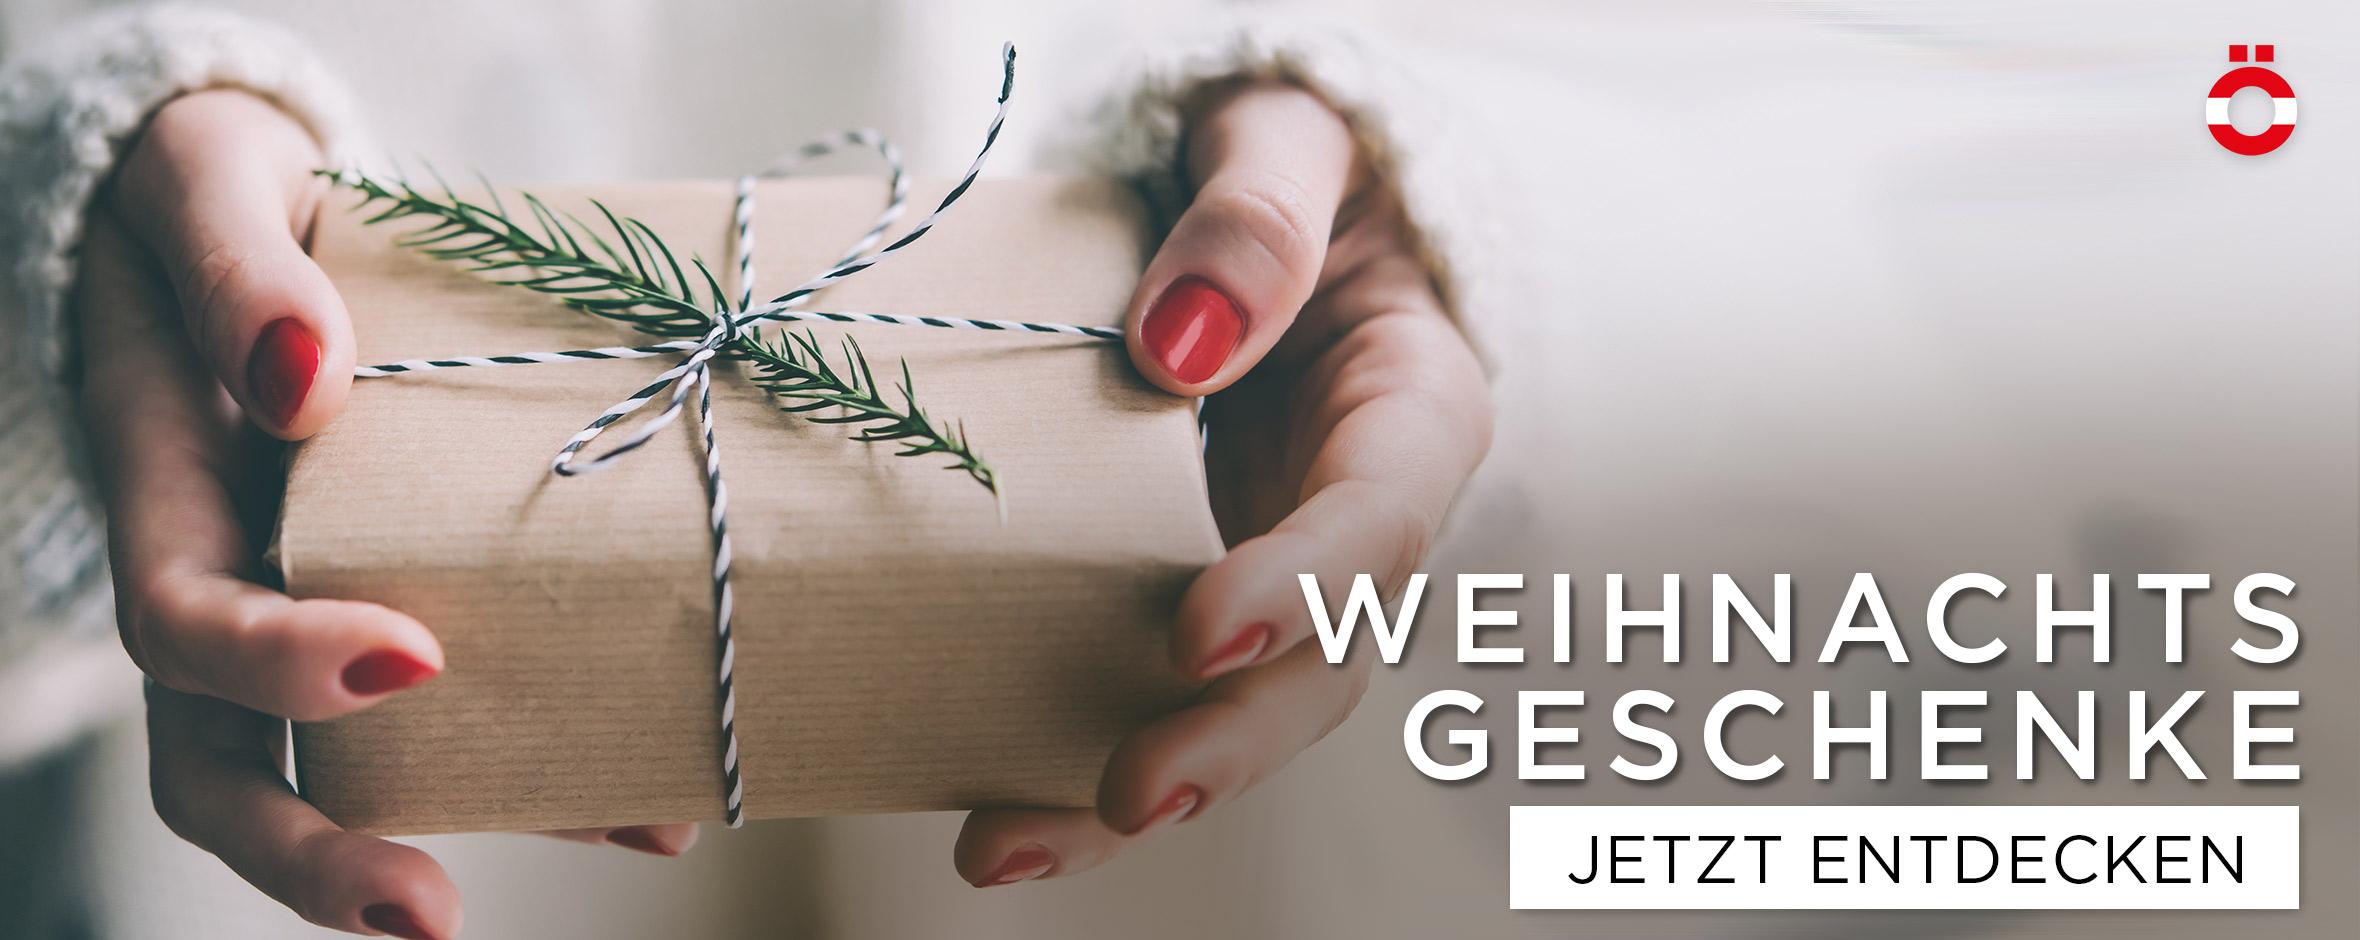 Weihnachtsgeschenke für Sie, Ihn & Kinder - shöpping.at